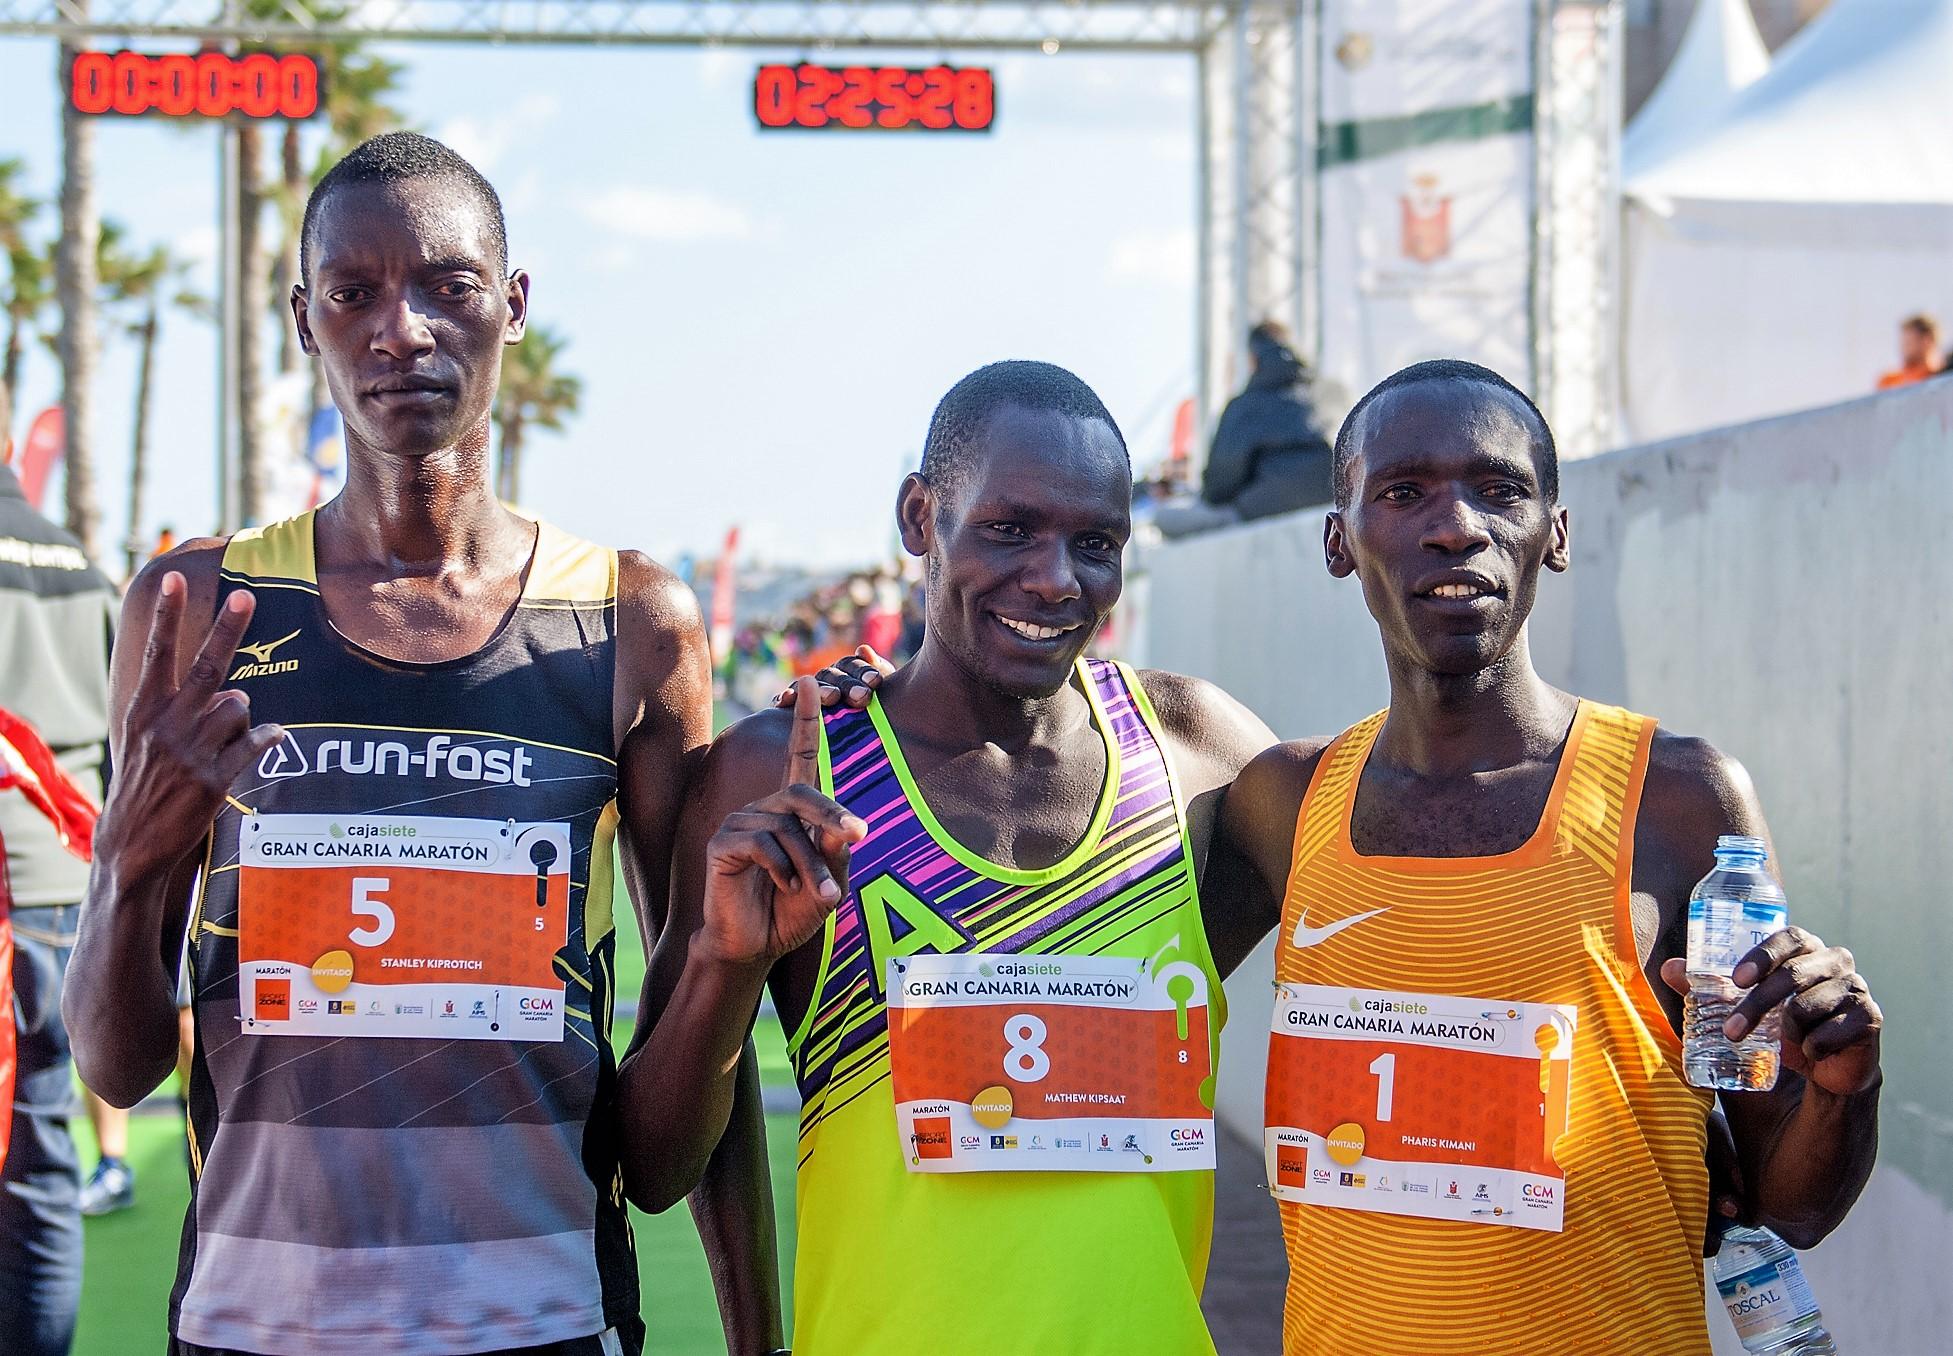 Gran Canaria Maratón 2017: Crónica, resultados y fotos. Ganan Mathew Kipsaat y Aroa Merino. Nuevo record 2h13m19s